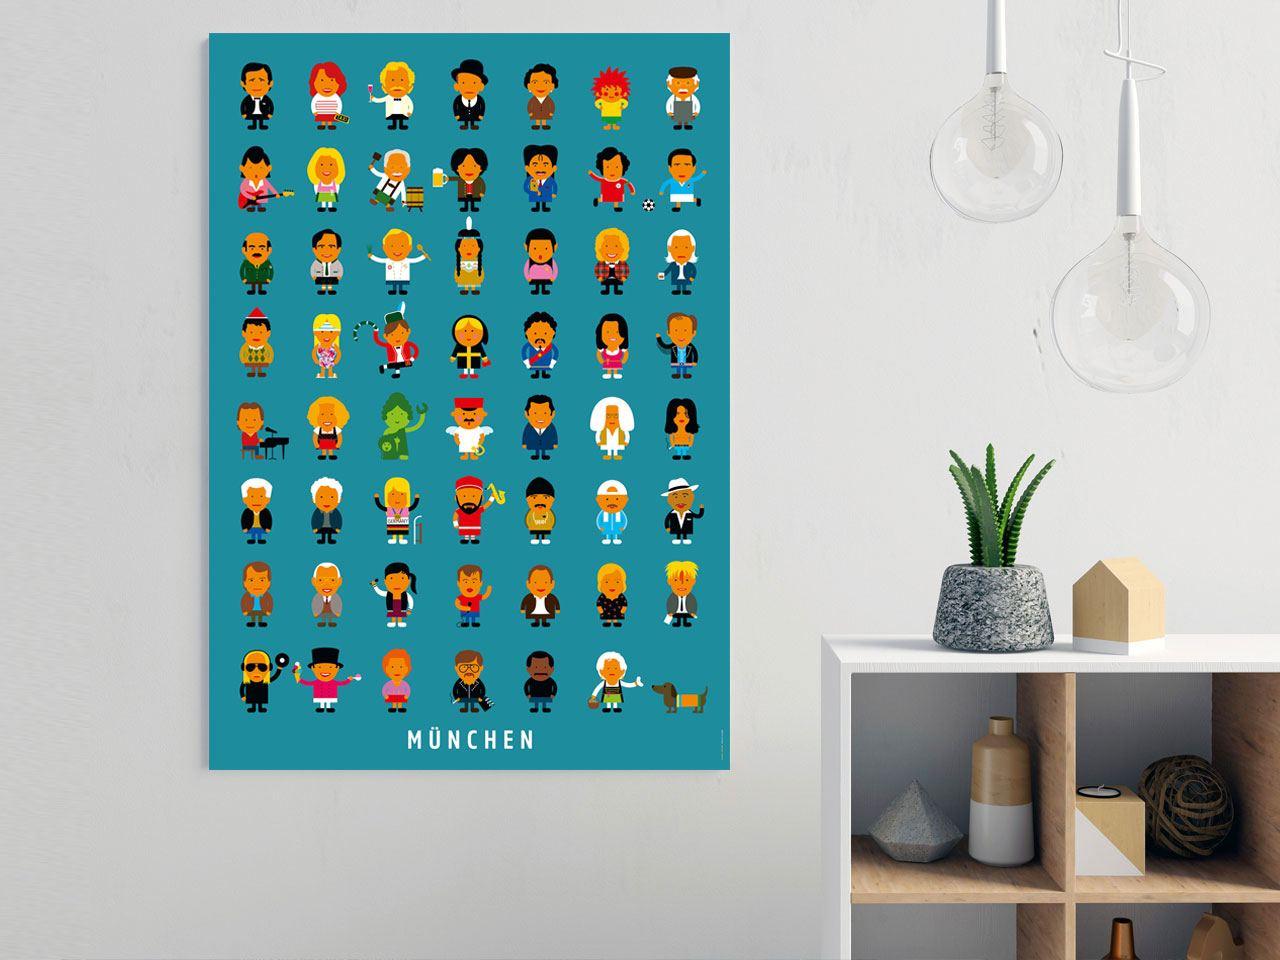 Münchener Leute Poster